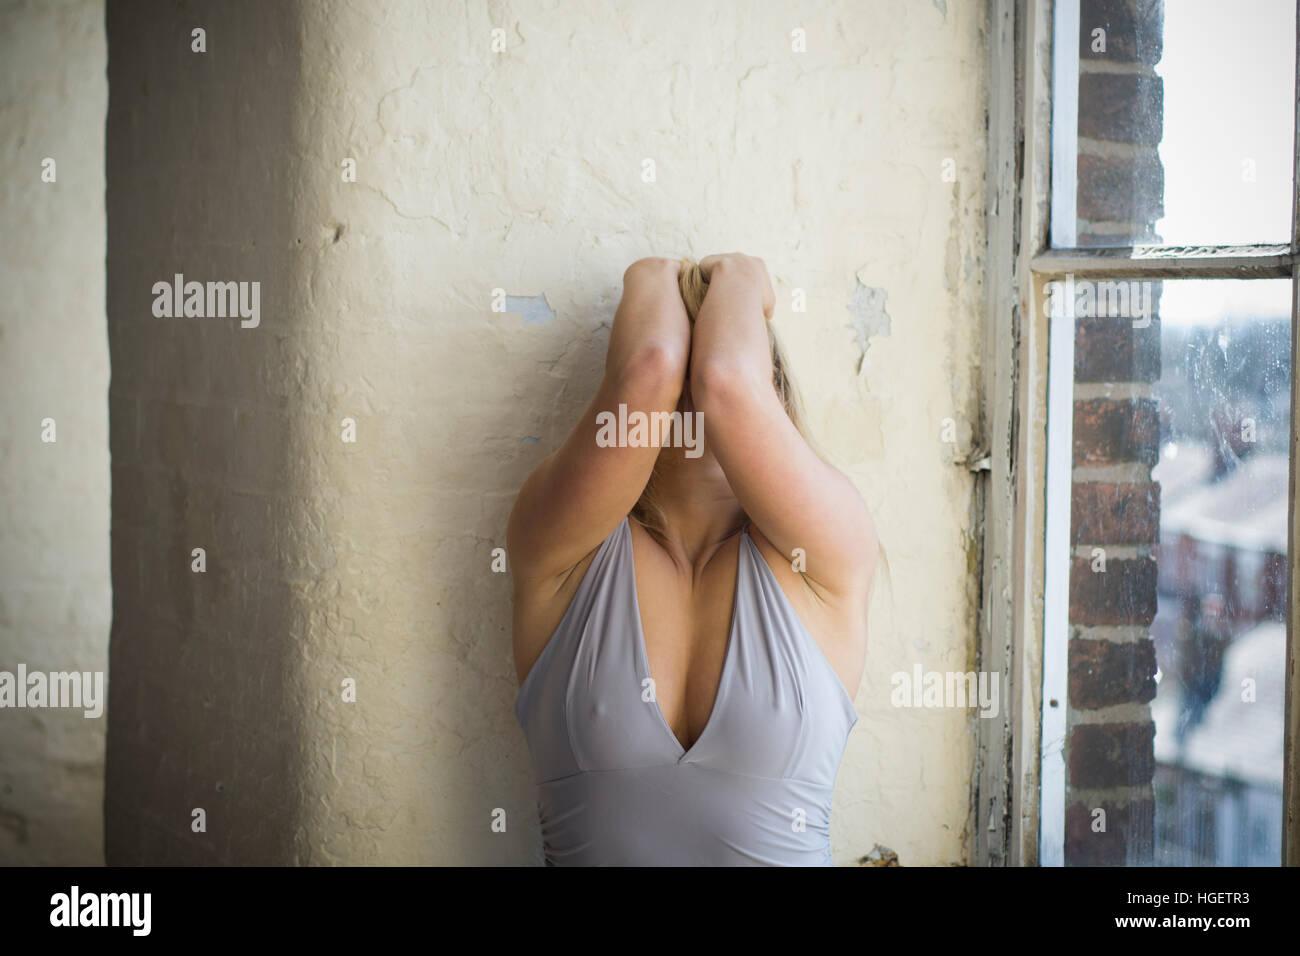 Ha sottolineato la donna in testa le mani dalla finestra Immagini Stock